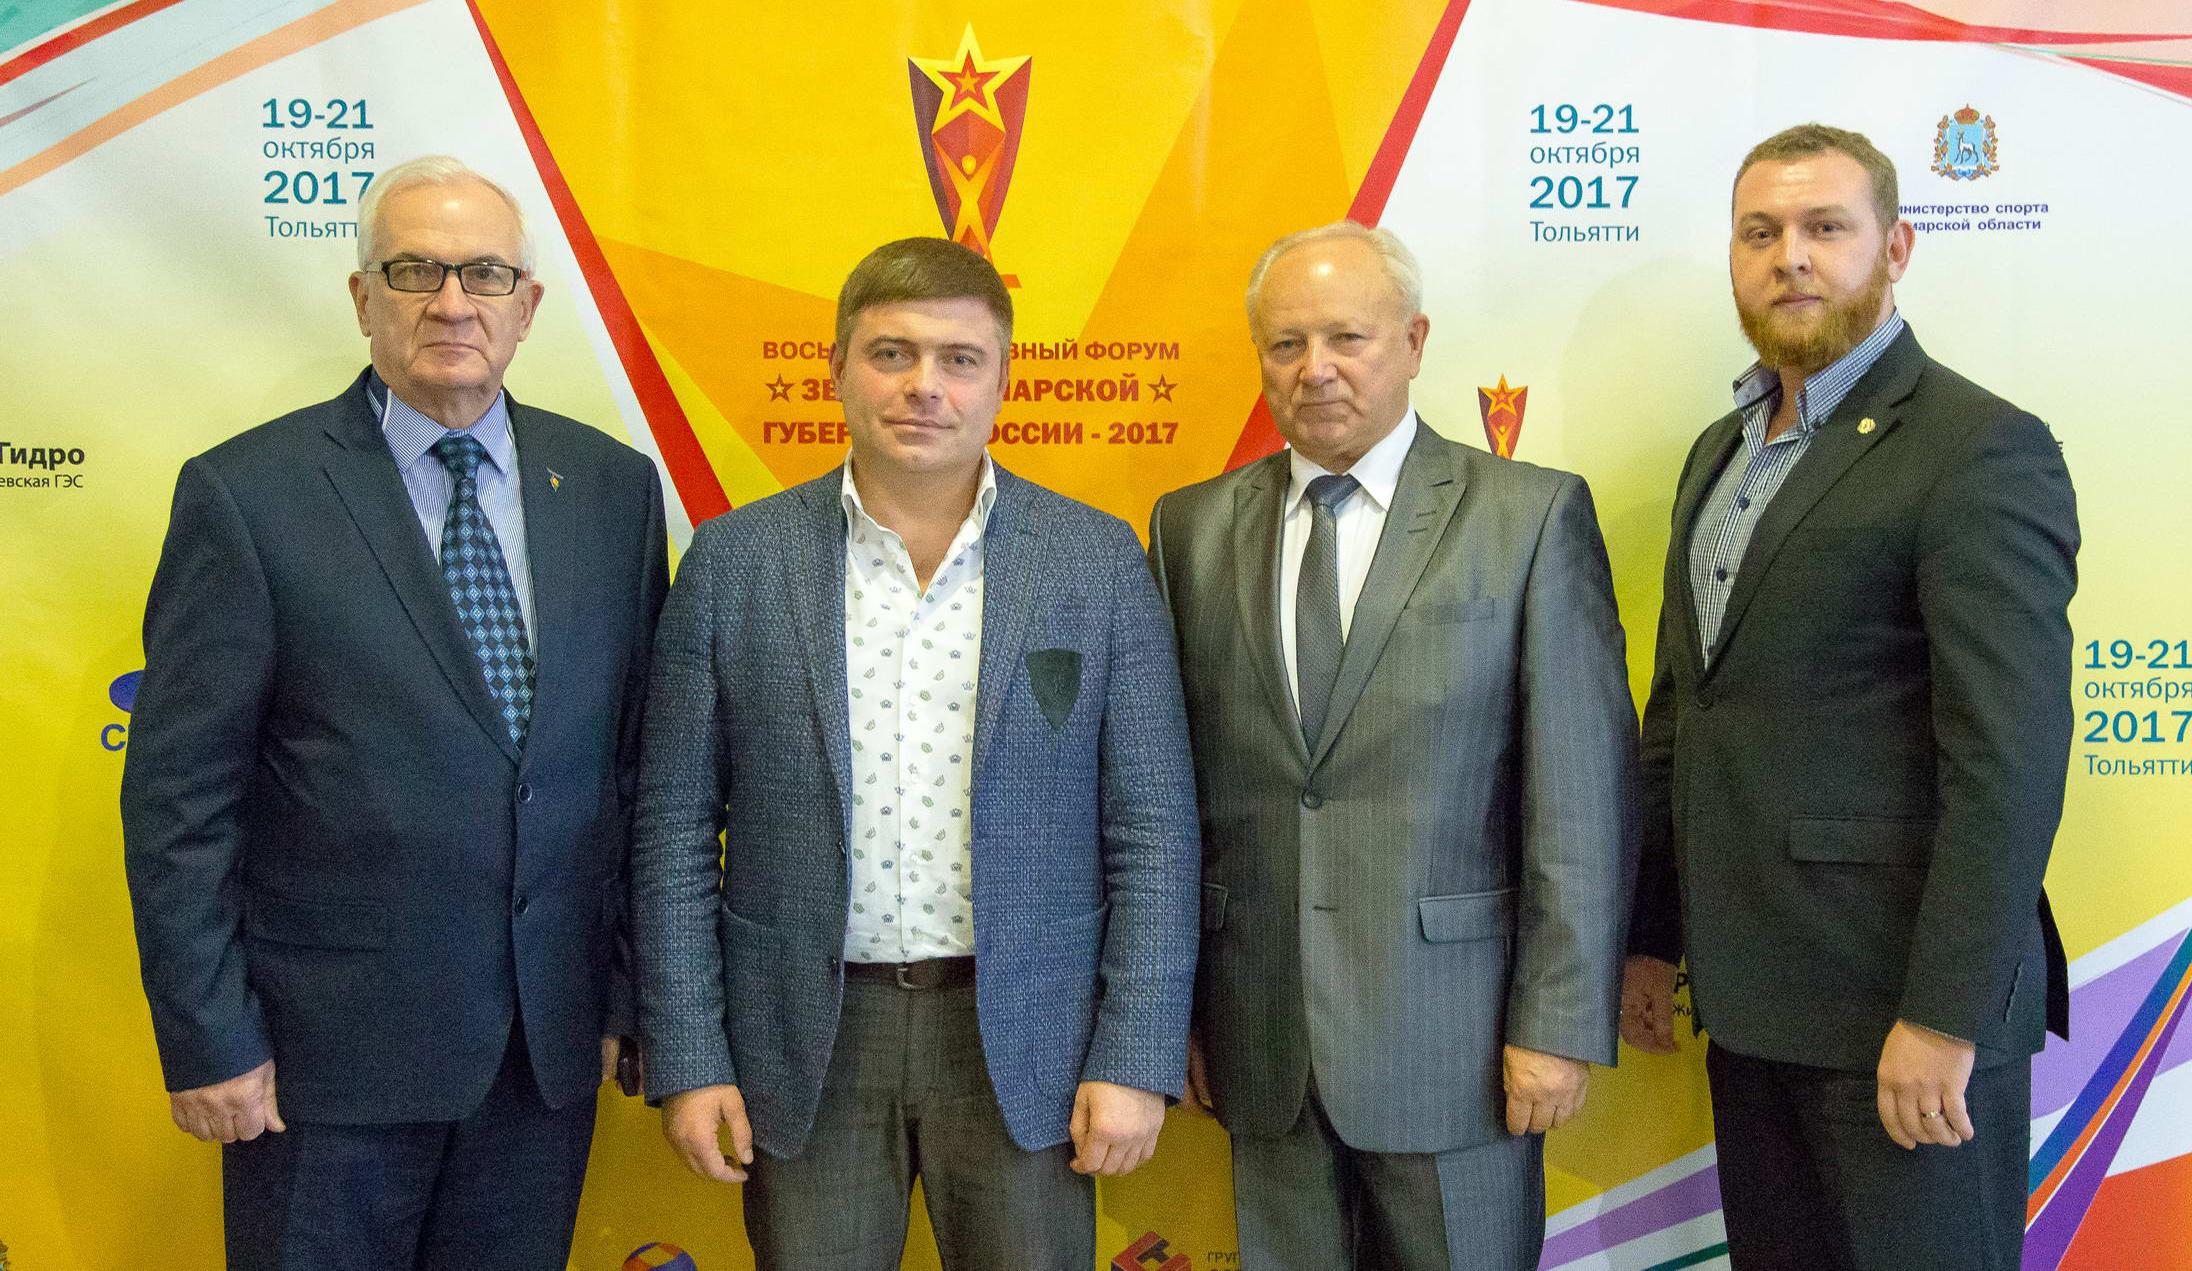 Восьмой спортивный форум «Звезды Самарской губернии и России 2017» в Тольятти